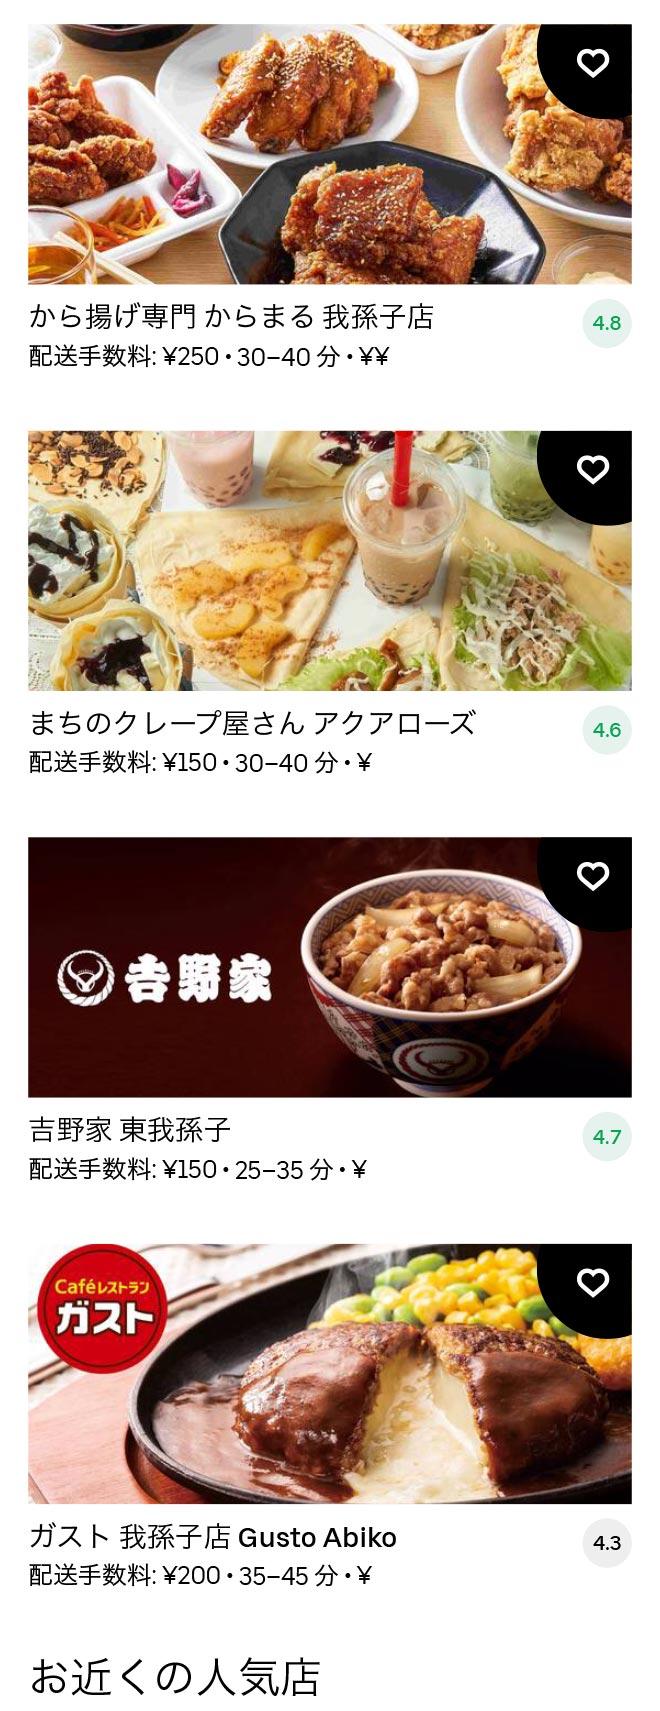 Higashi abiko menu 2011 01